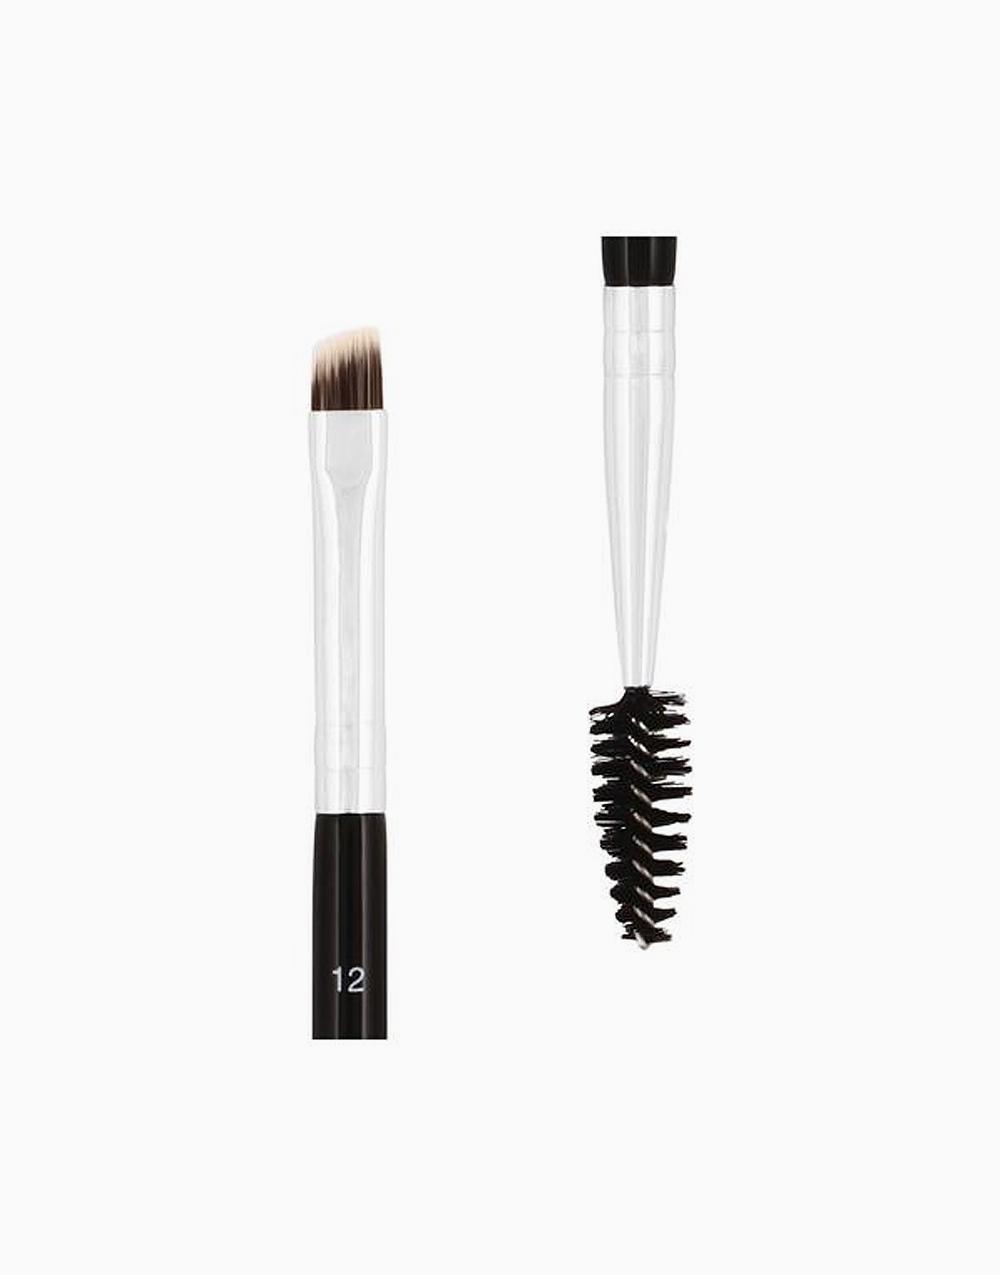 Brush #12 by Anastasia Beverly Hills